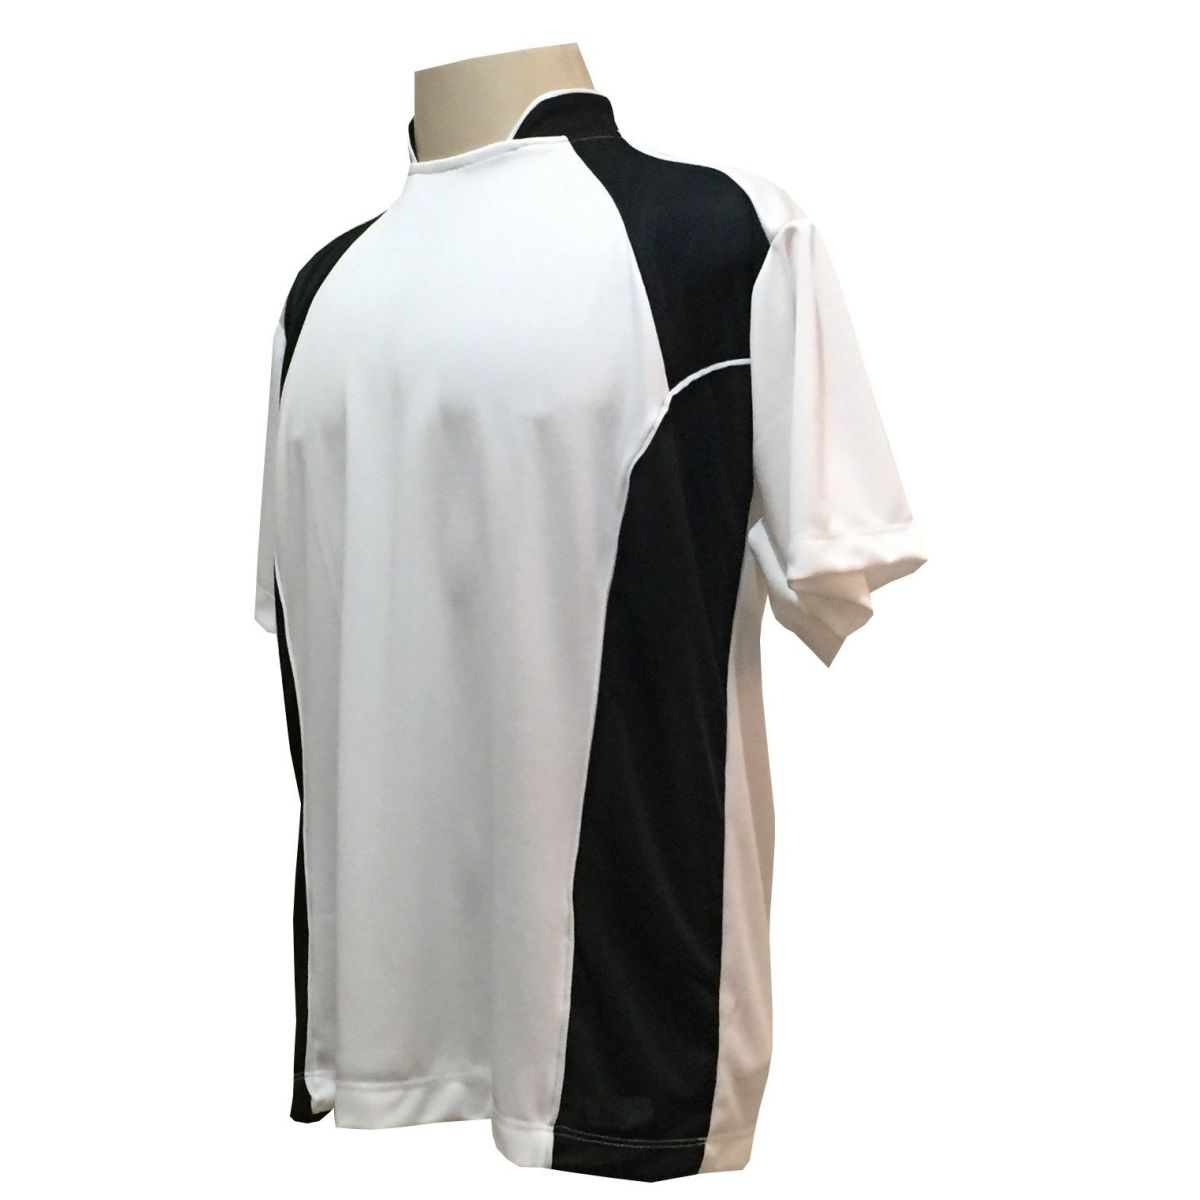 Uniforme Esportivo Completo modelo Suécia 14+1 (14 camisas Branco/Preto + 14 calções Madrid Branco + 14 pares de meiões Pretos + 1 conjunto de goleiro) + Brindes